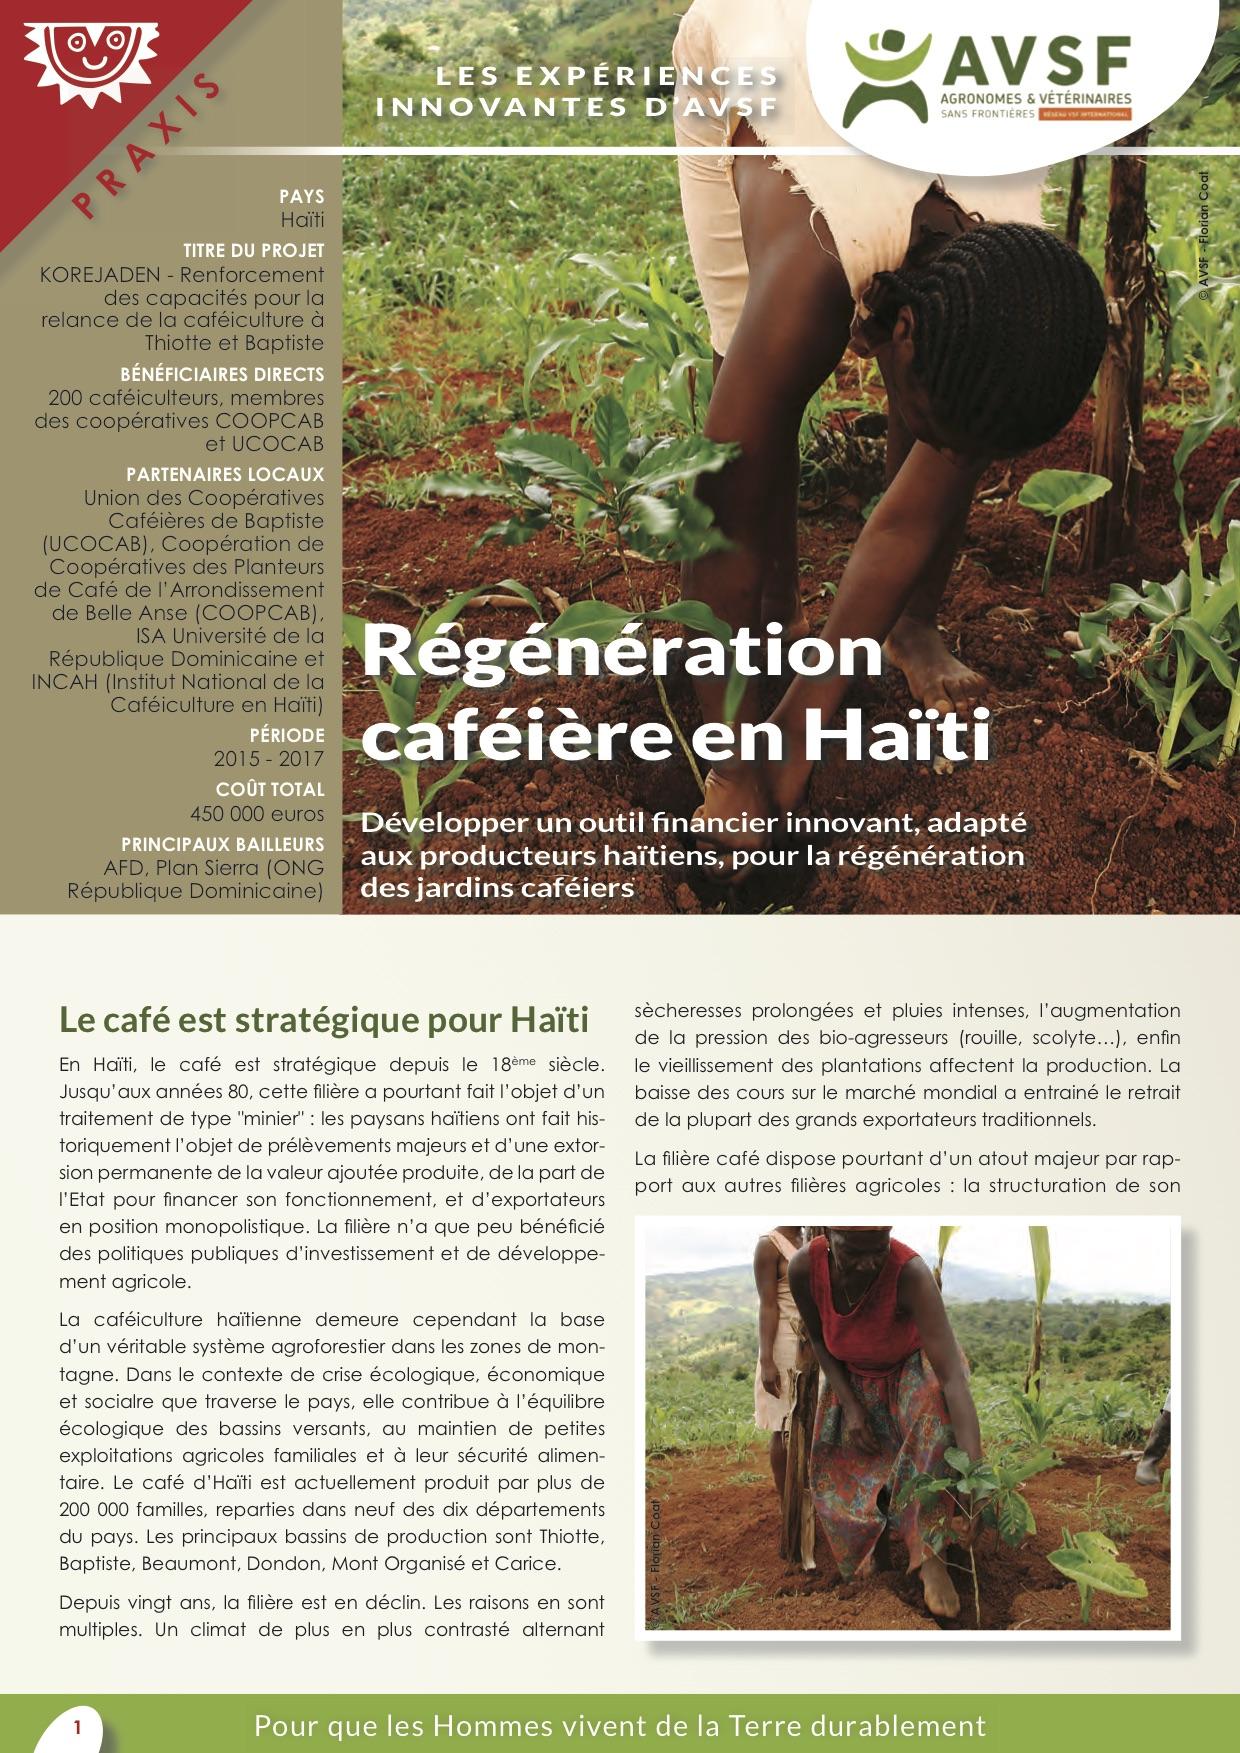 Les expériences innovantes d'AVSF : Régénération caféière en Haïti Image principale